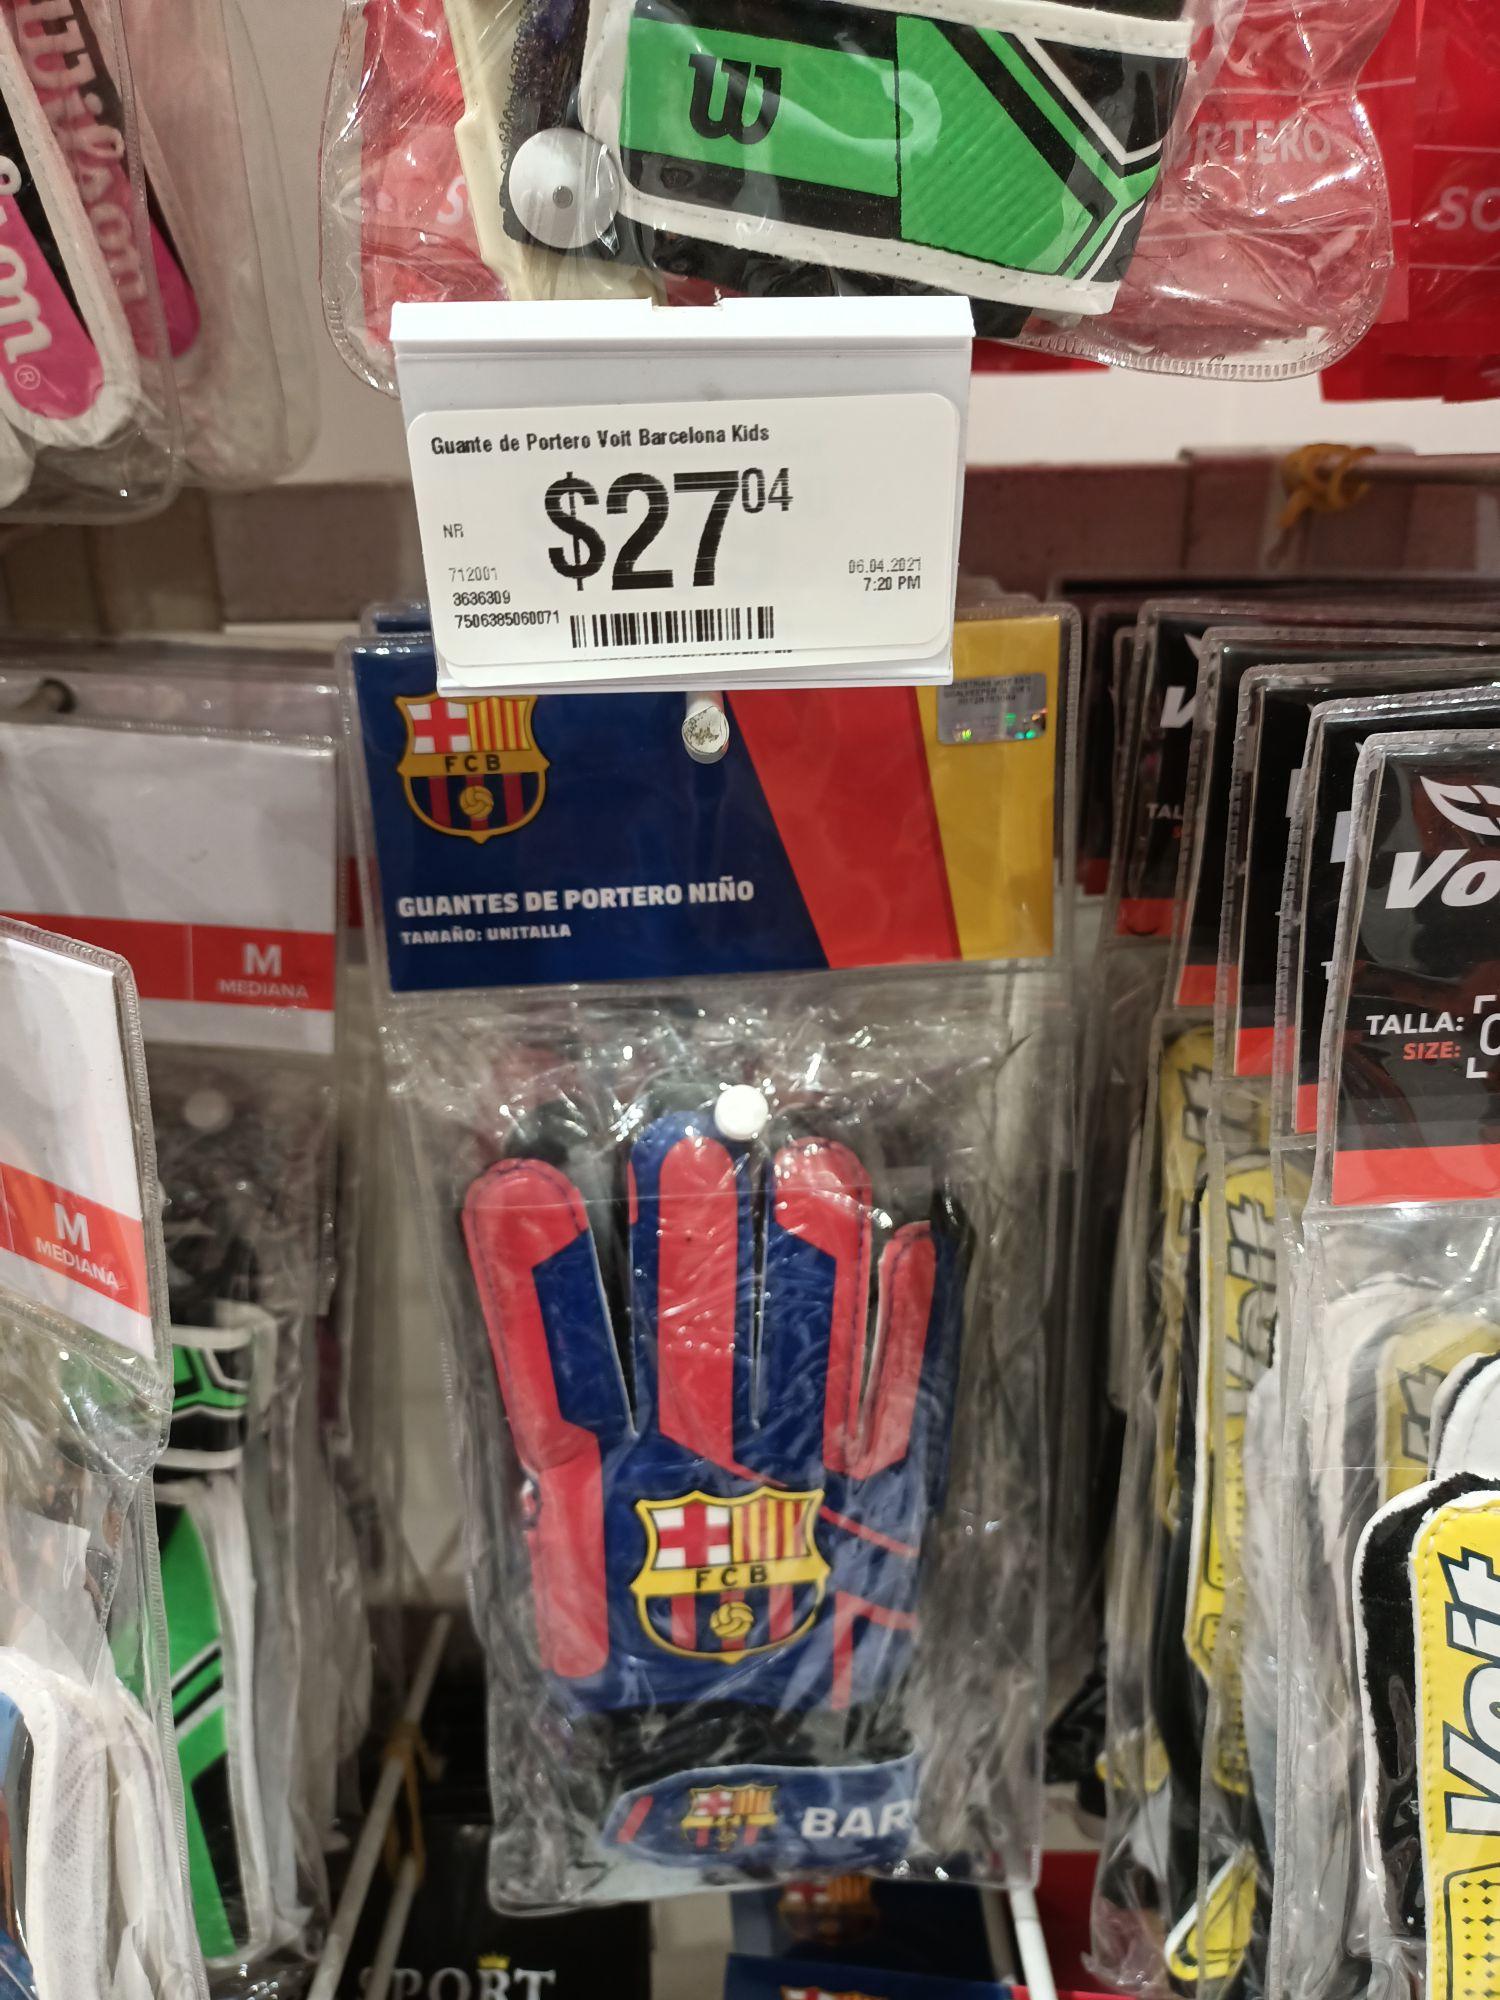 Chedraui guantes de portero niño